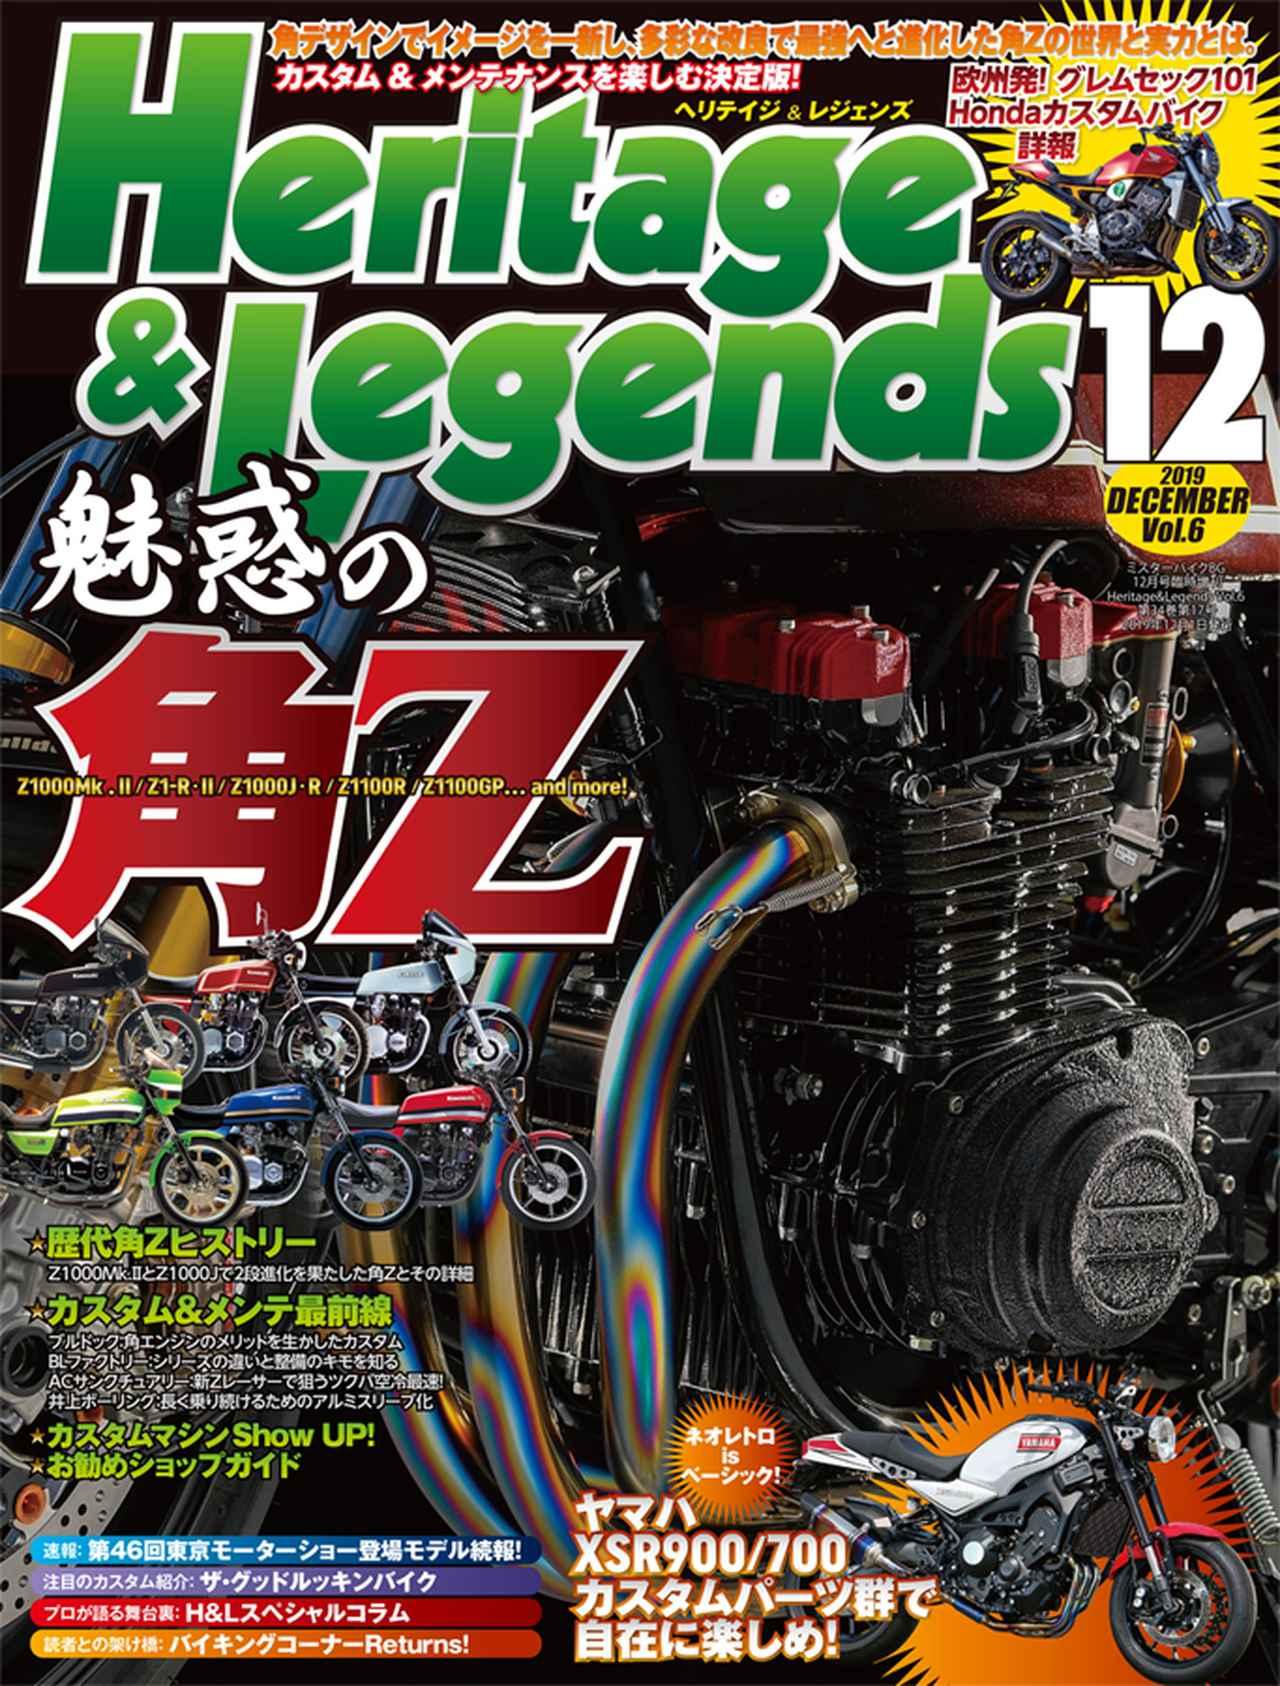 画像: 特集は「魅惑の角Z」月刊『ヘリテイジ&レジェンズ』12月号(Vol.6)好評発売中! #Heritage&Legends